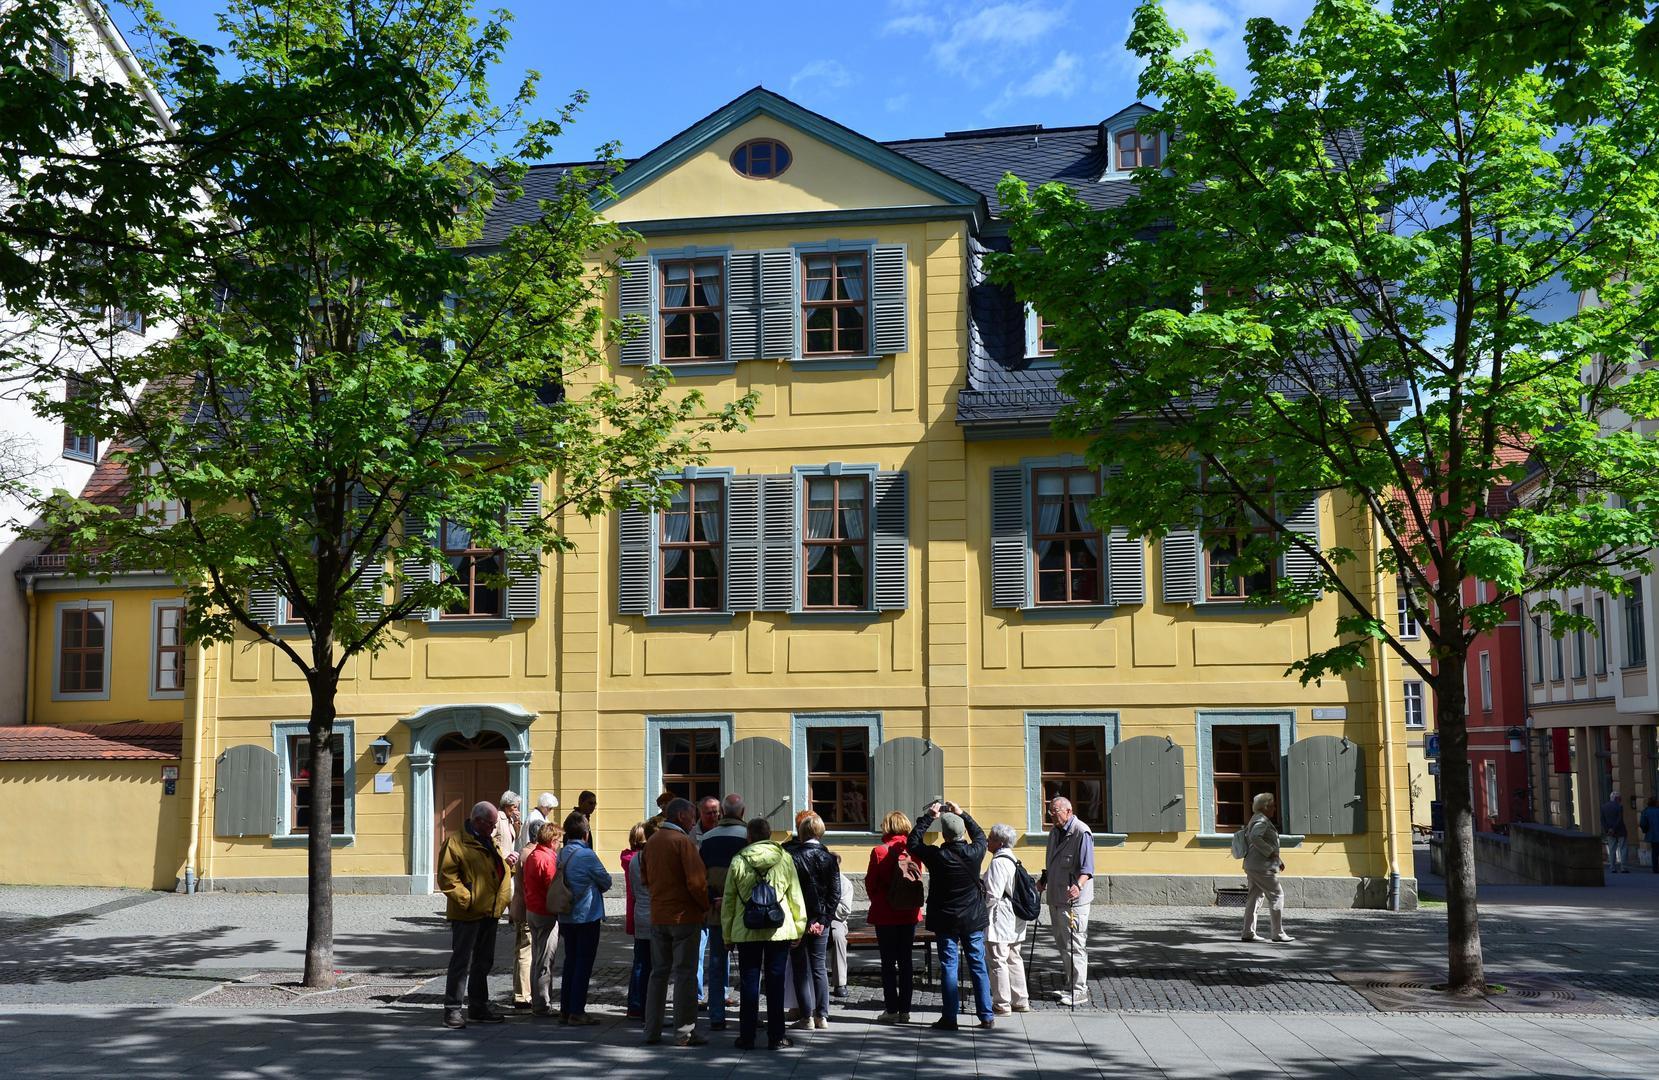 Die Frontansicht des Schillerhauses in Weimar an einem sonnigen Tag.